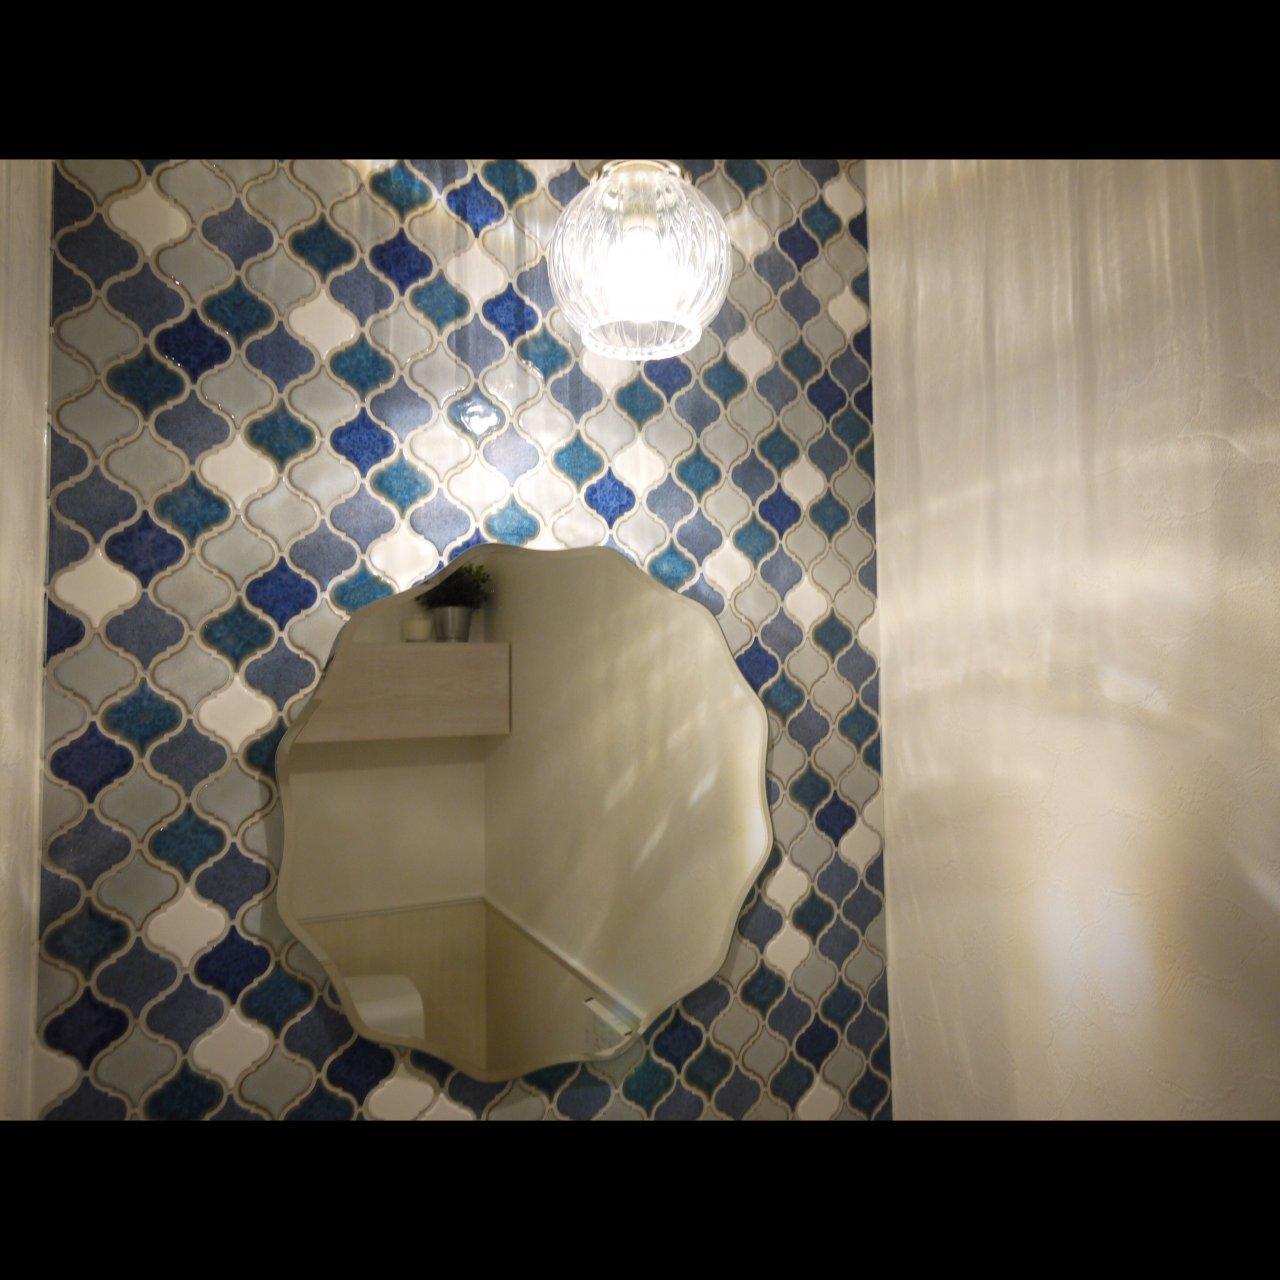 リノベ不動産|General Act Design ショールーム10 トイレ内の手洗いコーナは可愛い異形タイルとペンダント照明でコ